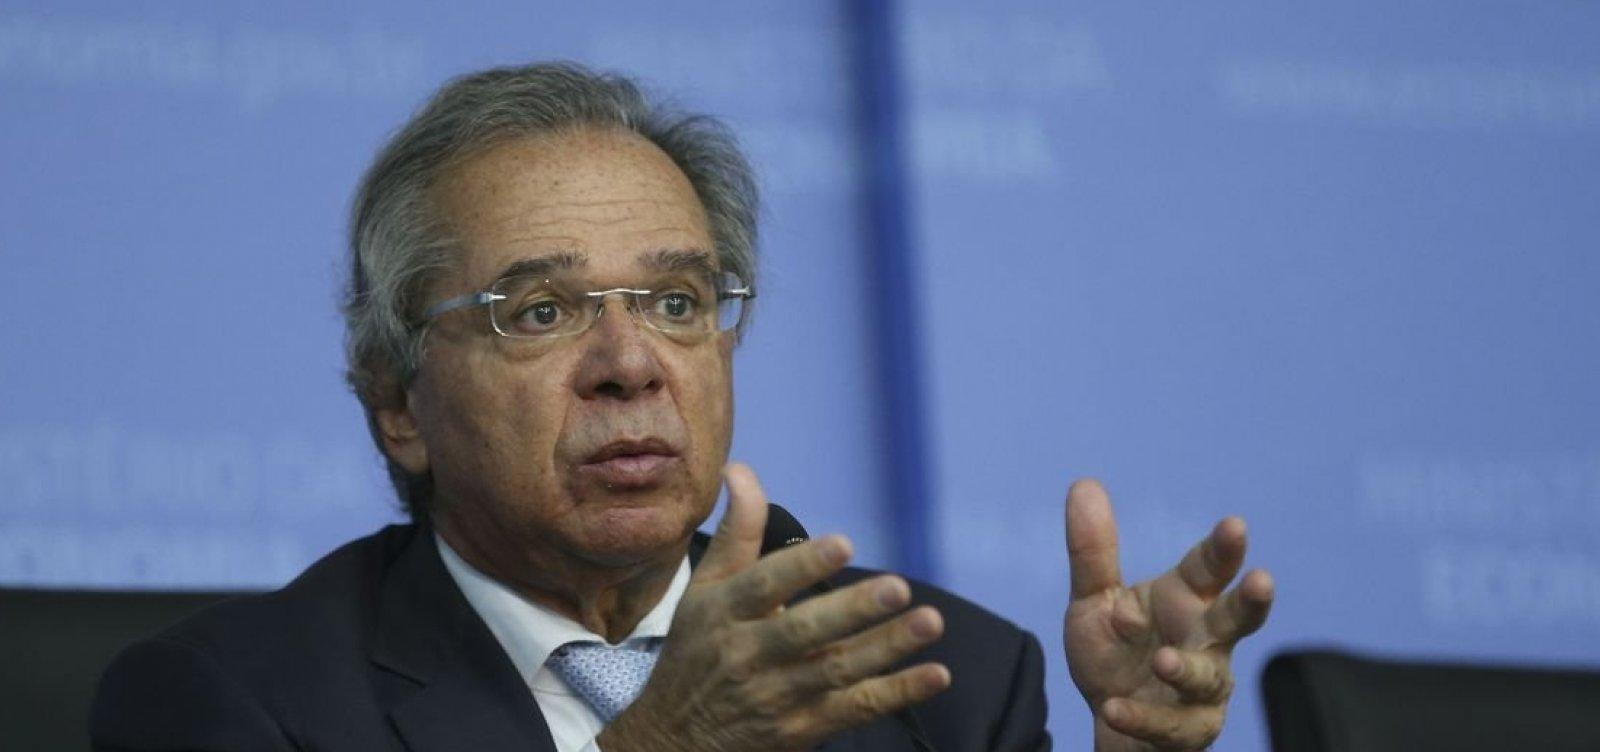 ['Vamos atingir um meio termo', diz Guedes sobre reforma da Previdência]